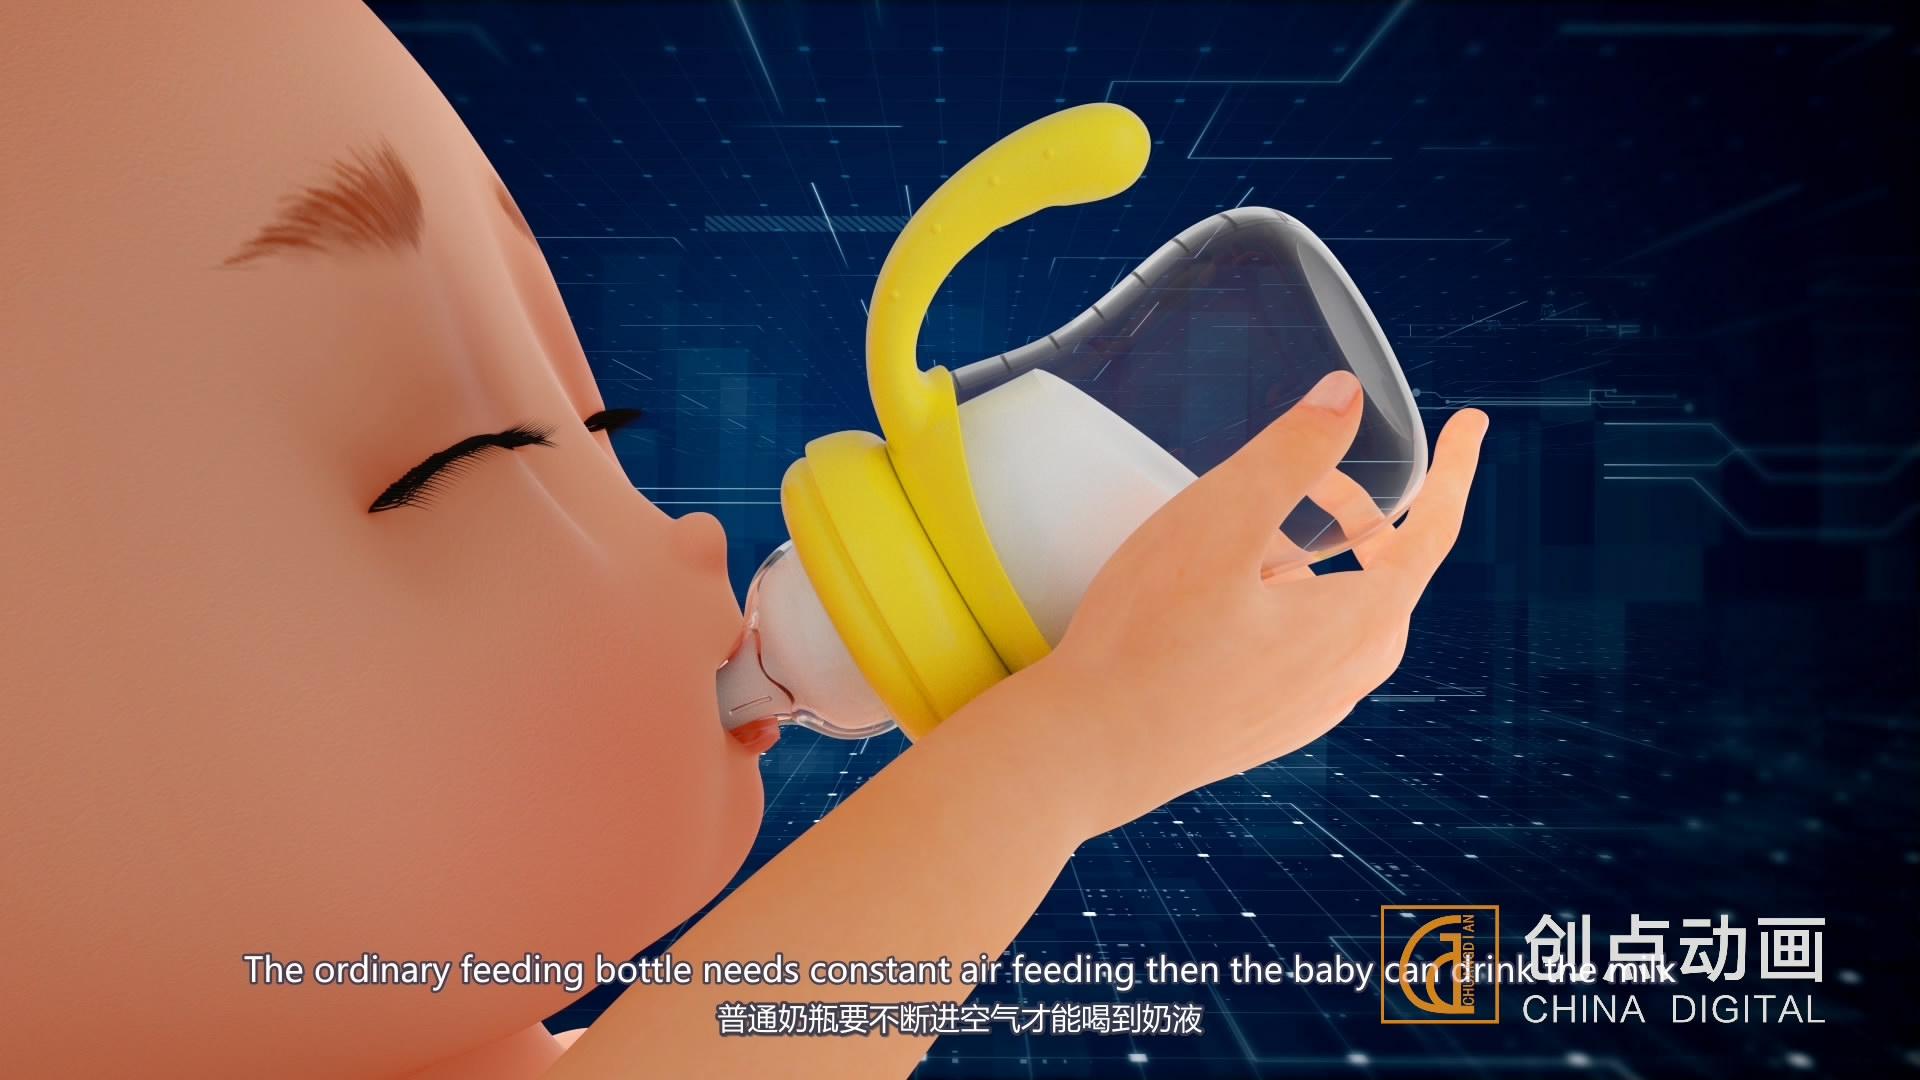 婴儿奶瓶三维动画